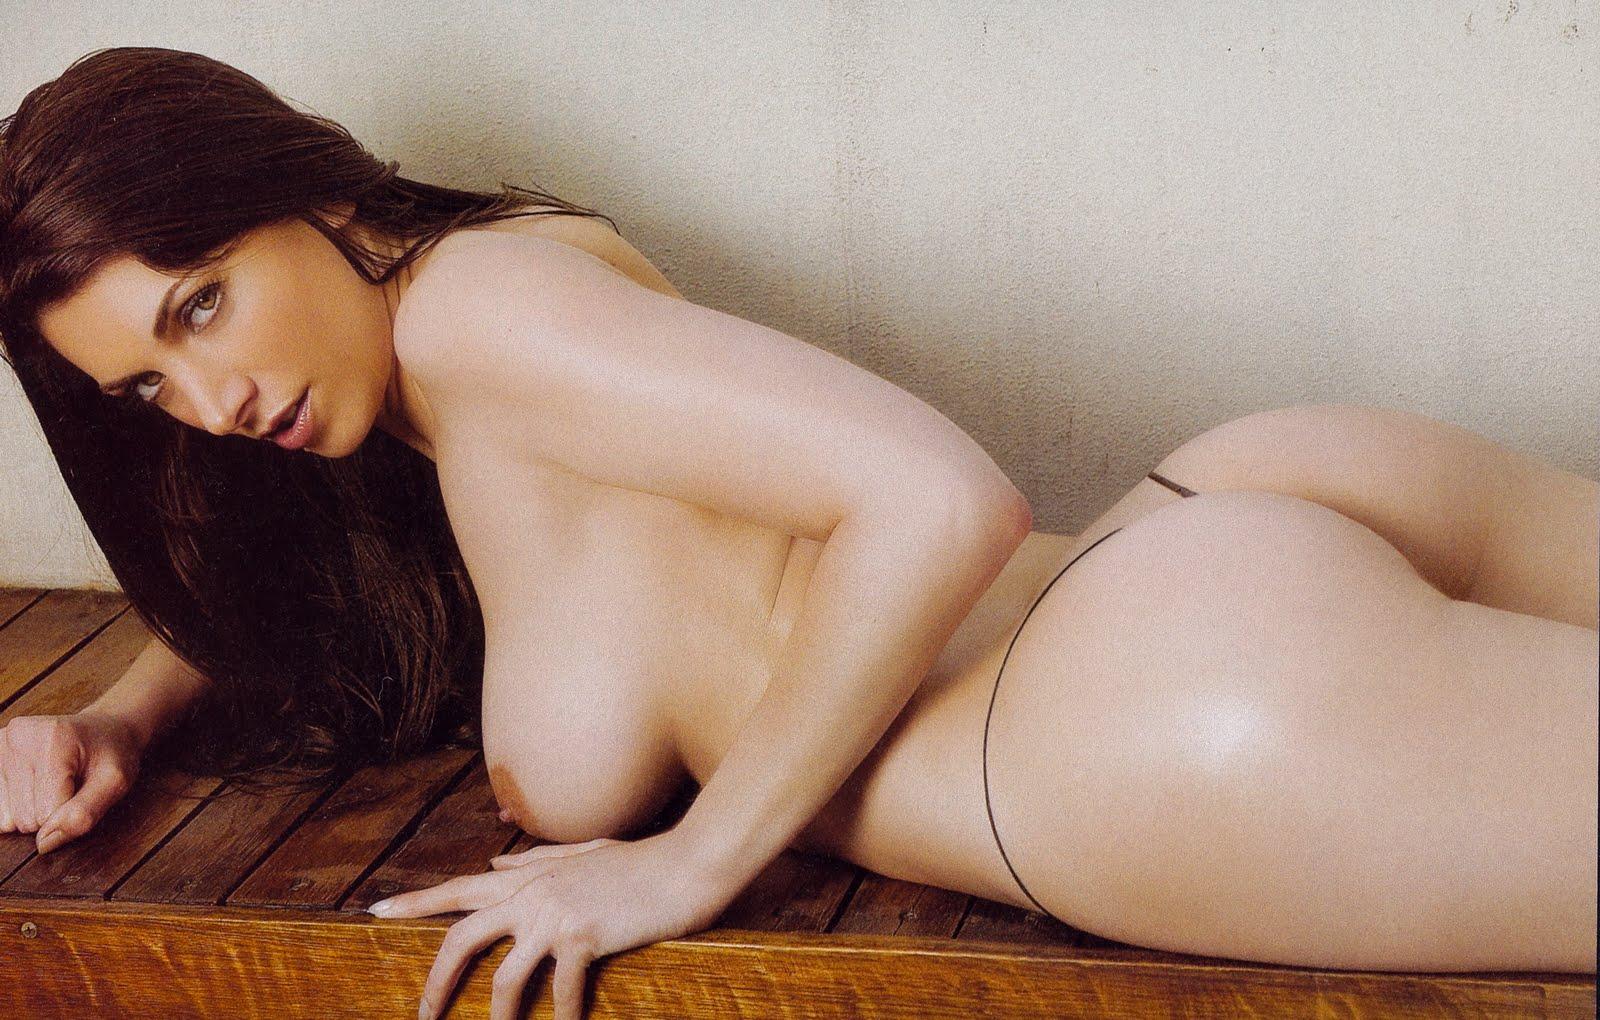 http://1.bp.blogspot.com/-xp_B1God7r8/TmPZEXQyusI/AAAAAAAADnU/cptZQ5ZKkg4/s1600/Valeria_Degenaro.jpg